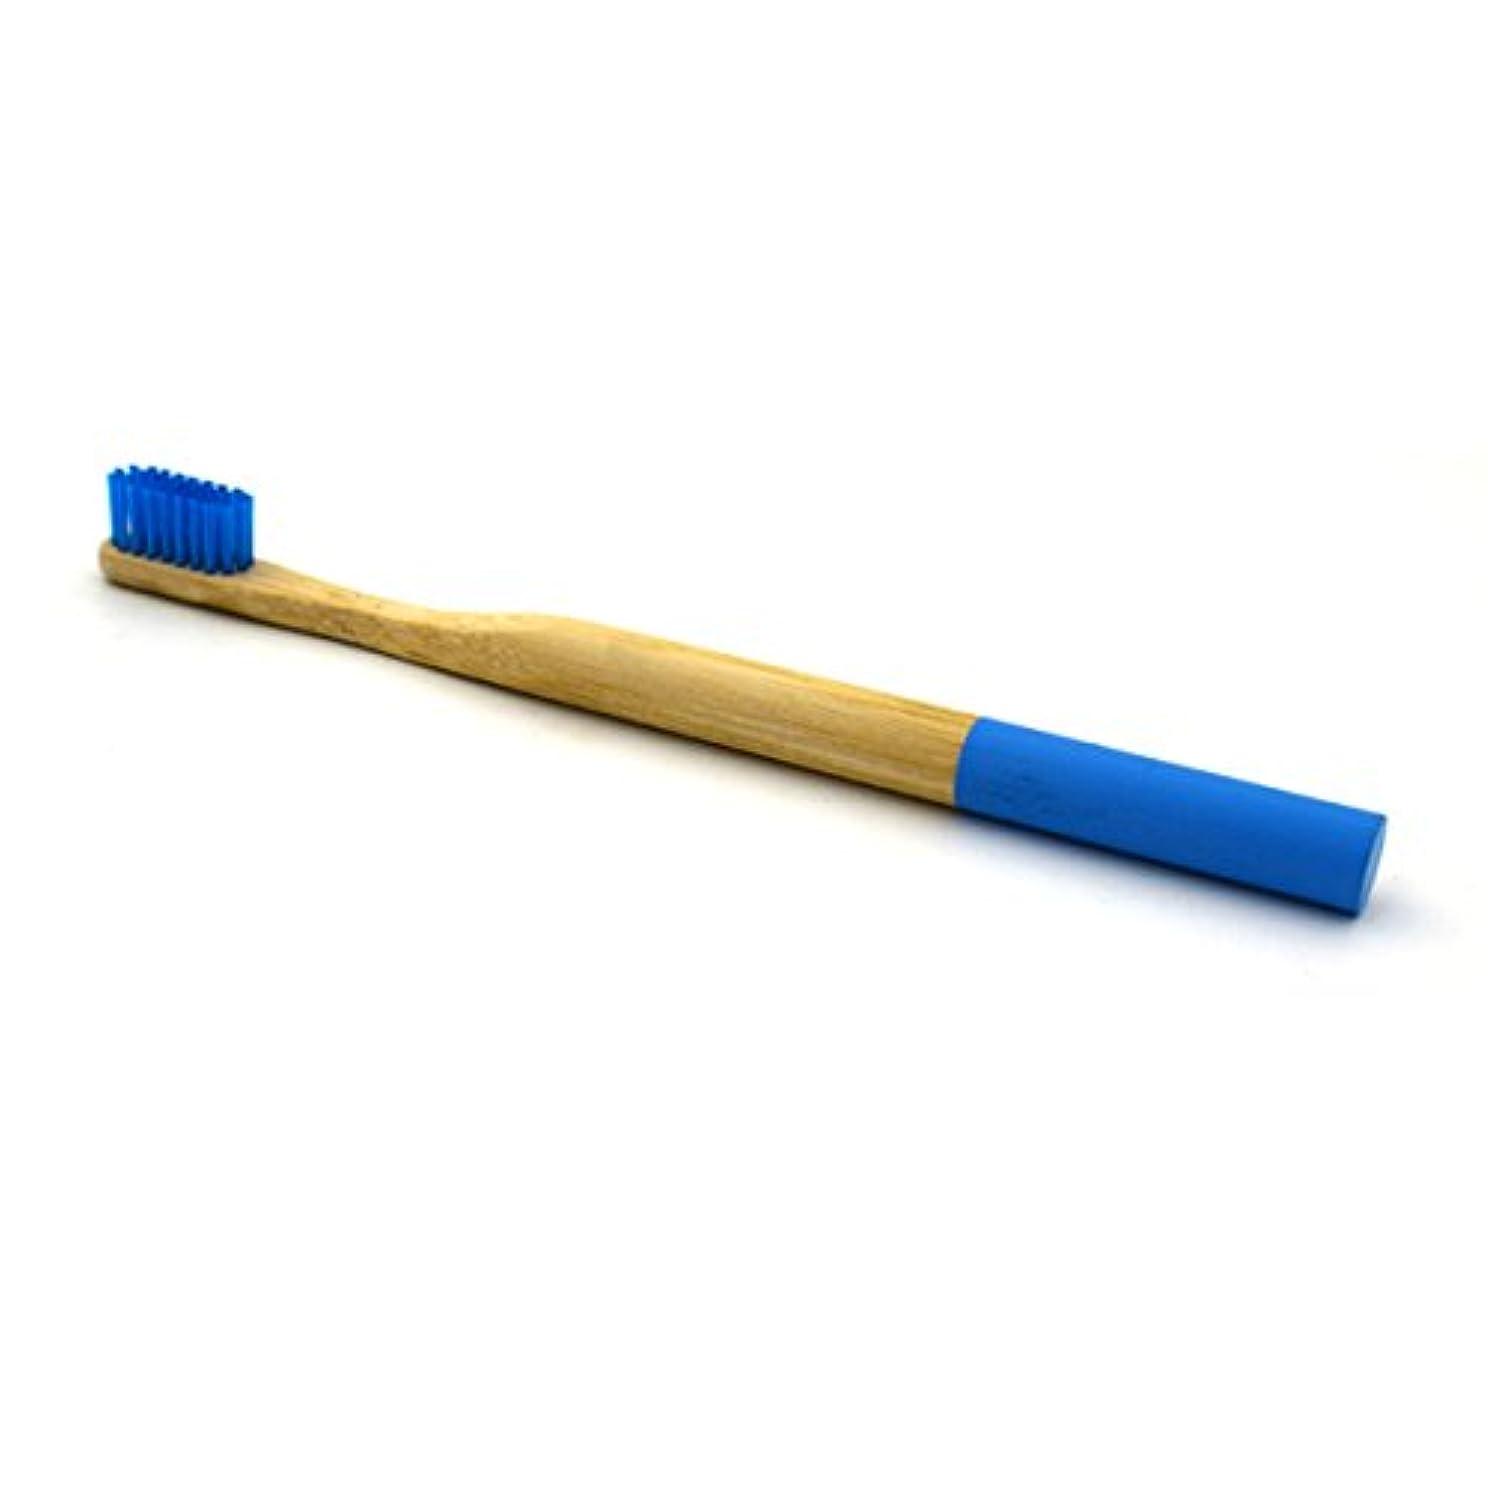 違反イベントを除くHEALLILY 円形のハンドルのEcoの友好的で柔らかい剛毛の歯ブラシが付いている2 PCS自然なタケ歯ブラシ